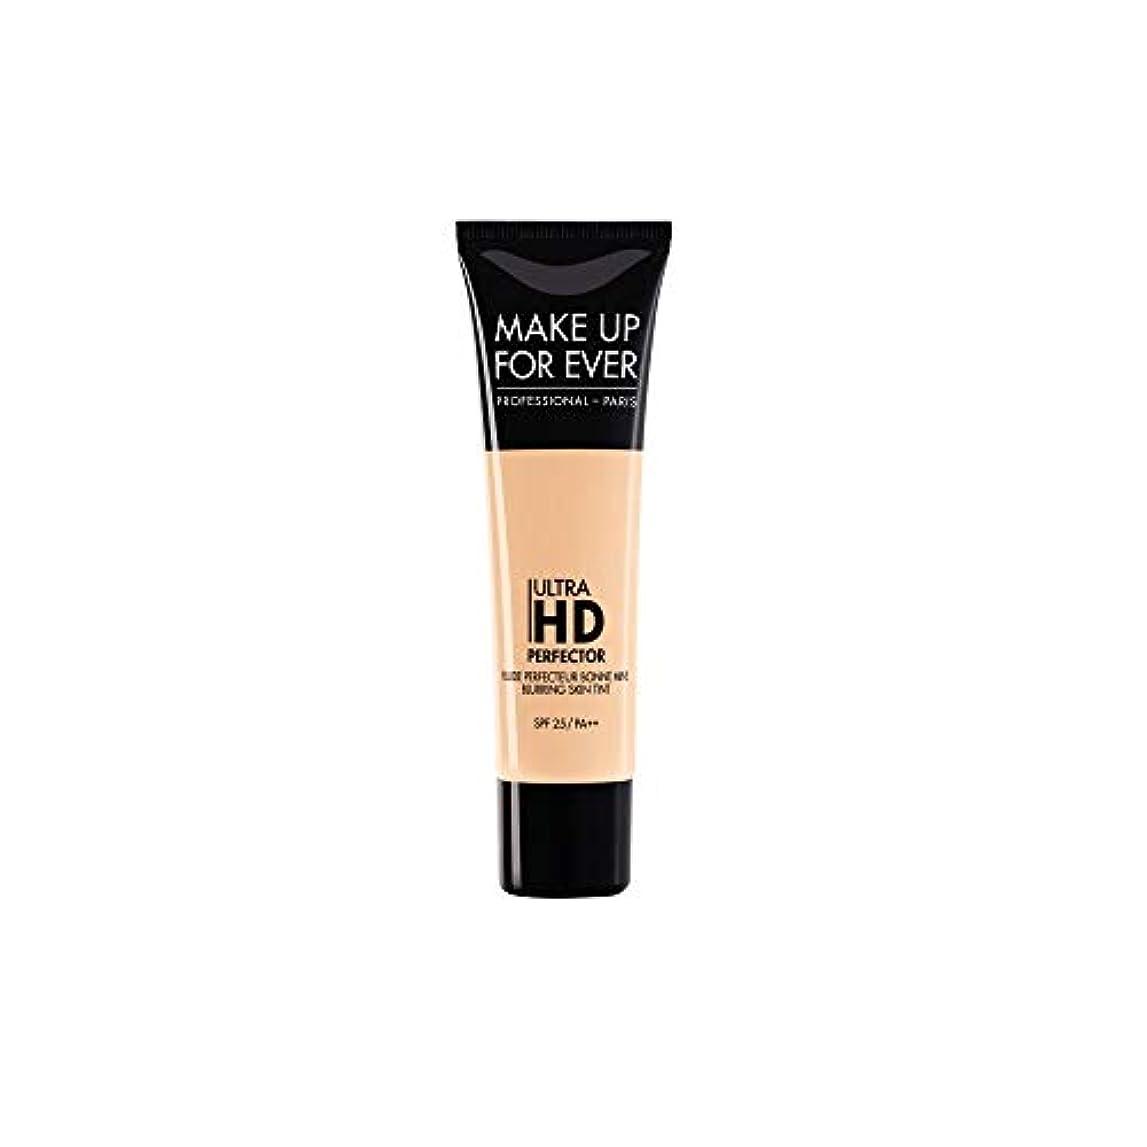 緯度自分を引き上げる会話型メイクアップフォーエバー Ultra HD Perfector Blurring Skin Tint SPF25 - # 02 Pink Sand 30ml/1.01oz並行輸入品